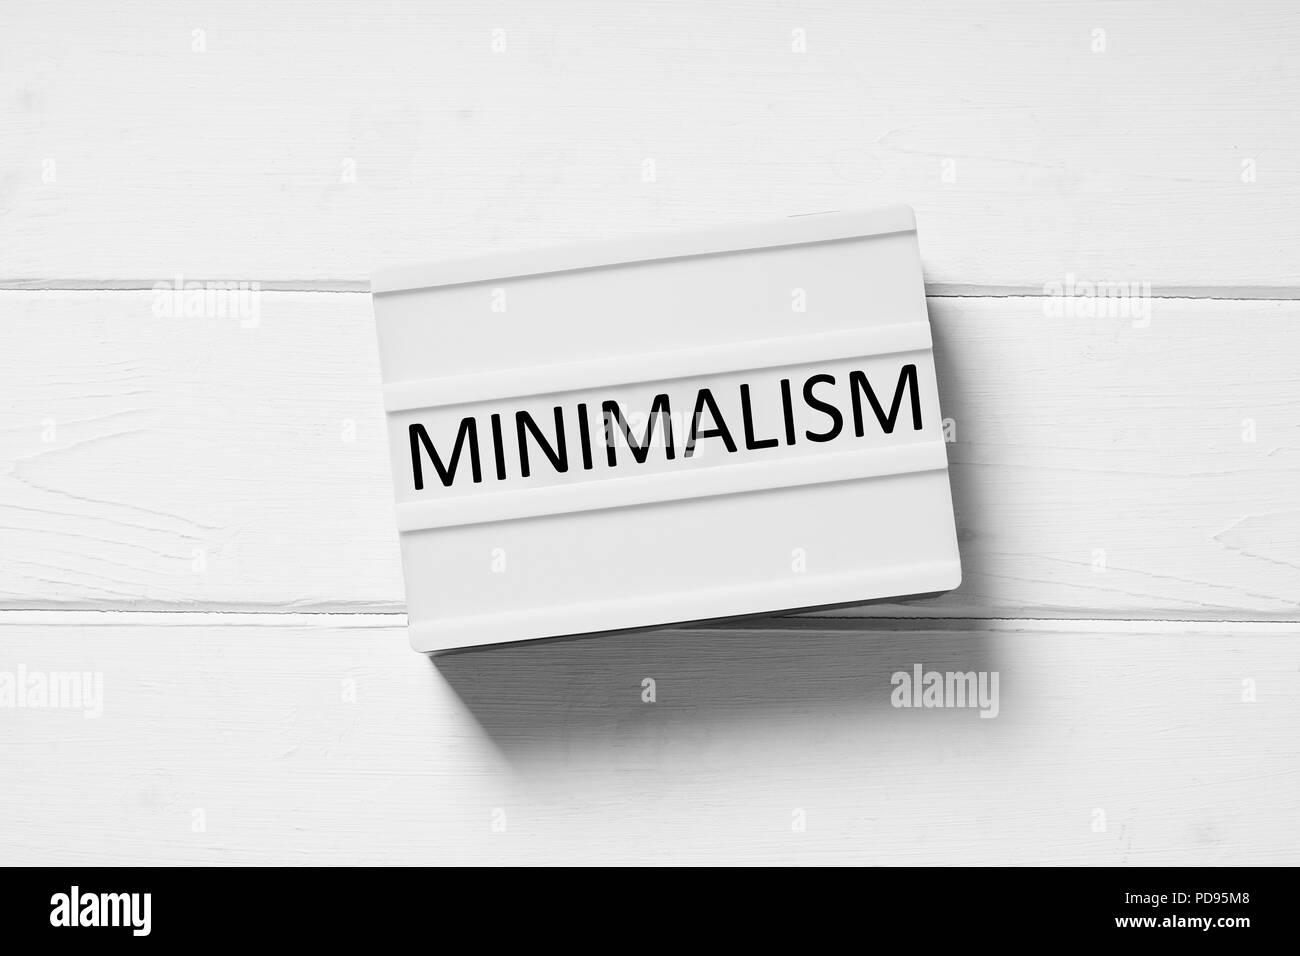 Minimalismus text auf lightbox Zeichen, minimale flache Design auf weißem Holz- Hintergrund legen, Einfachheit Konzept Stockbild